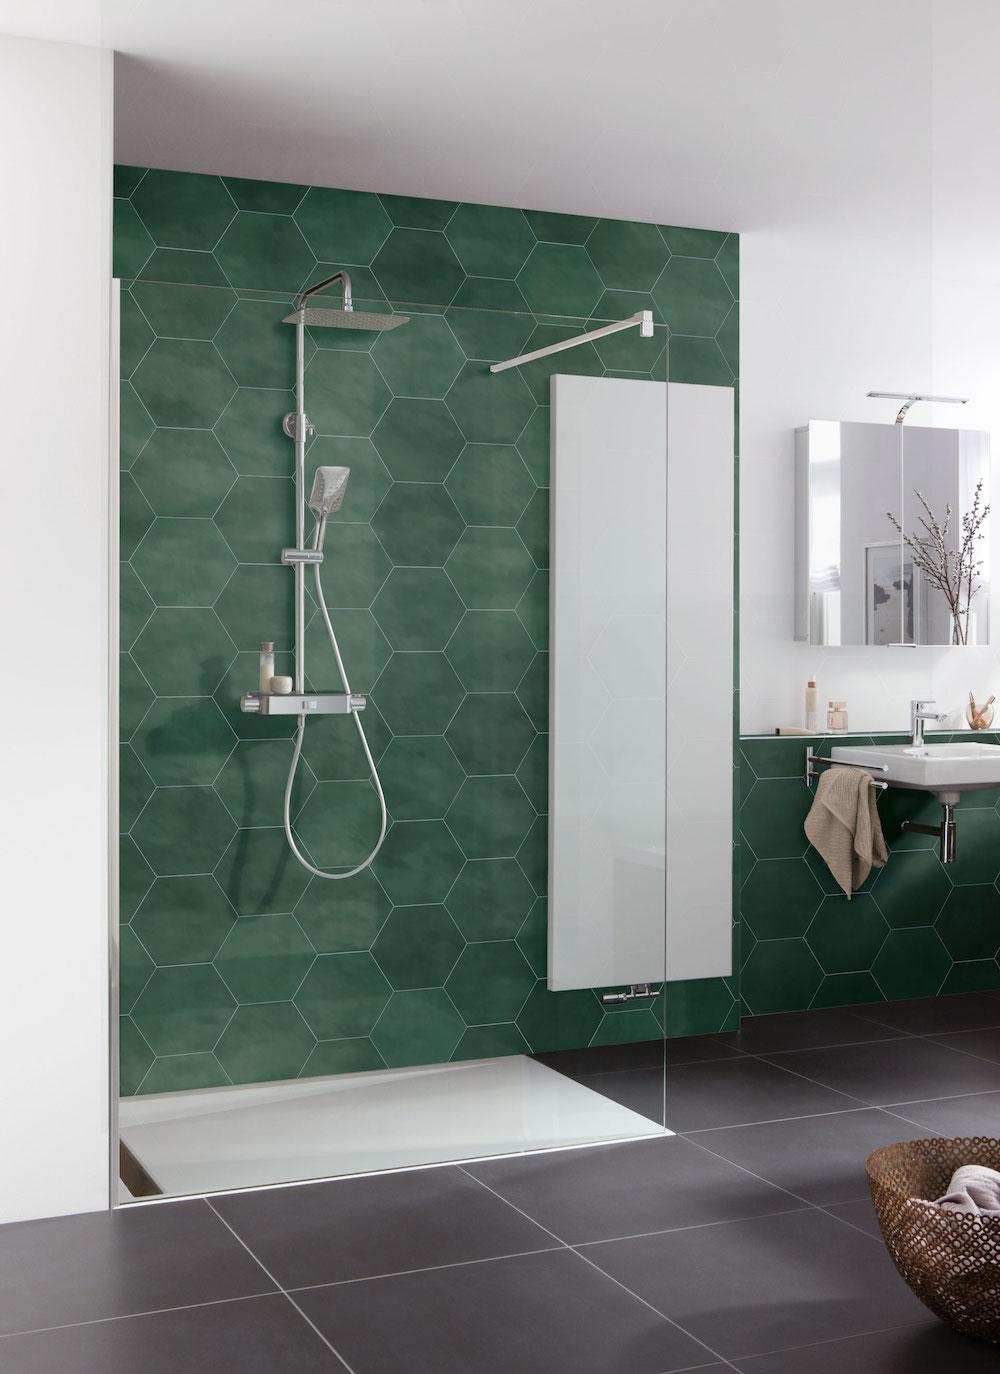 Duurzame en groene badkamer. mijn bad in stijl #badkamer #duurzaam #groen #badkamerinspiratie #badkameridee #inloopdouche #douche